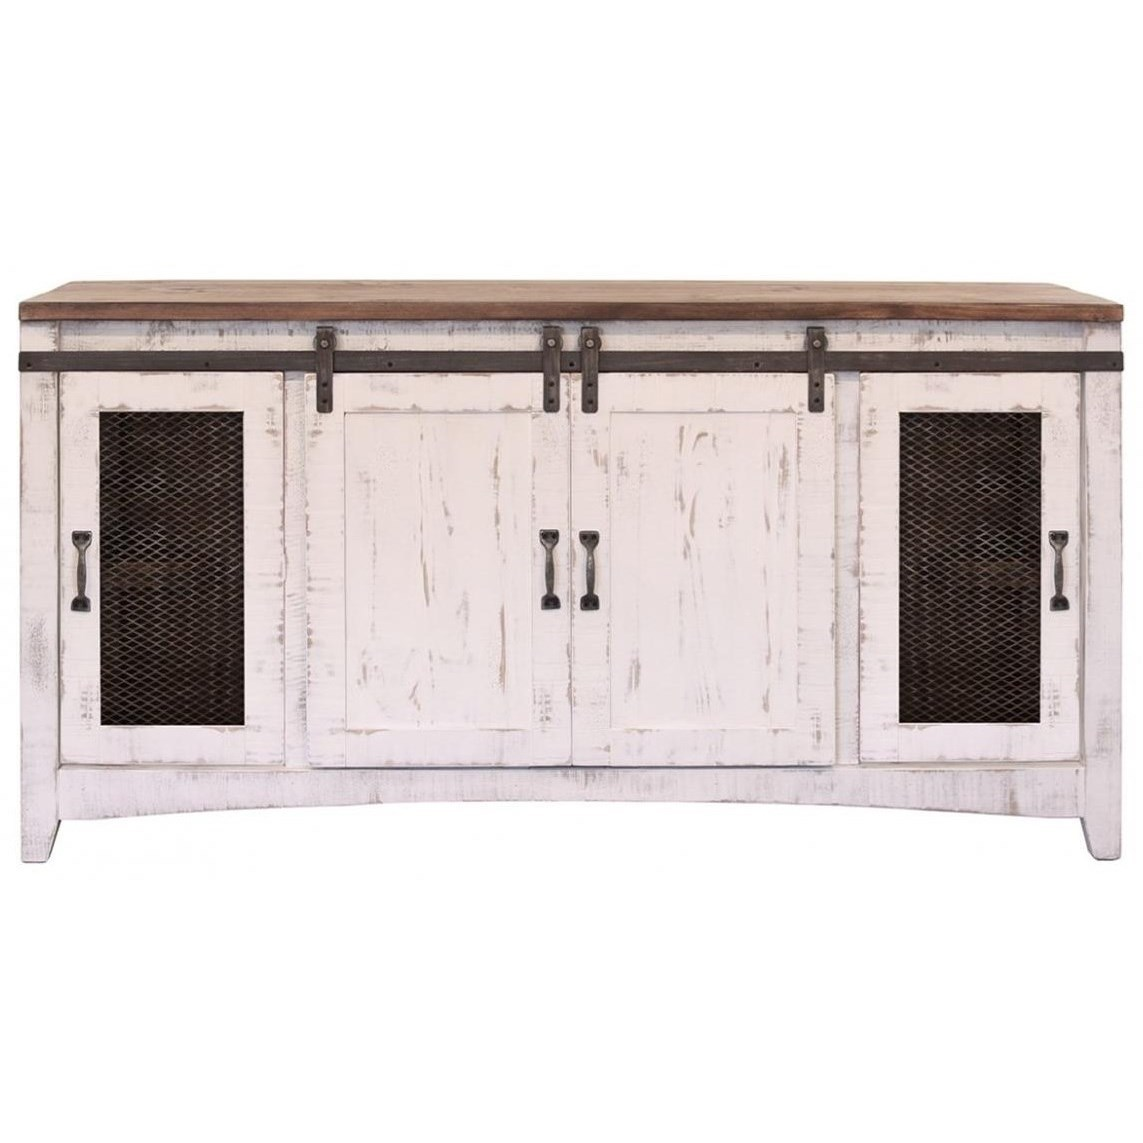 International furniture direct pueblo ifd360stand tv stand for Furniture direct